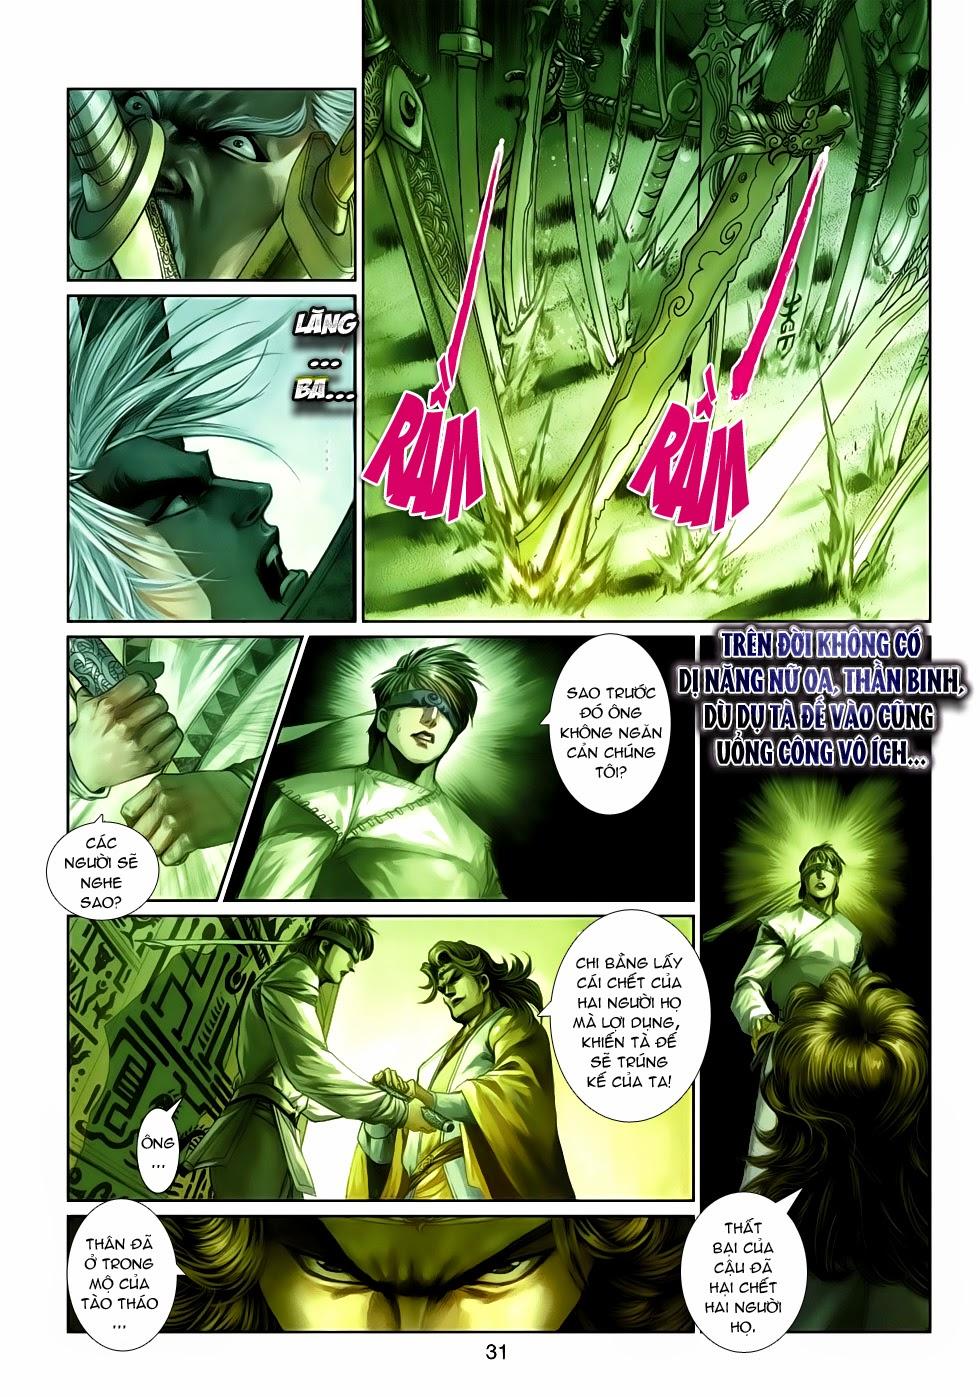 Thần Binh Tiền Truyện 4 - Huyền Thiên Tà Đế chap 14 - Trang 31